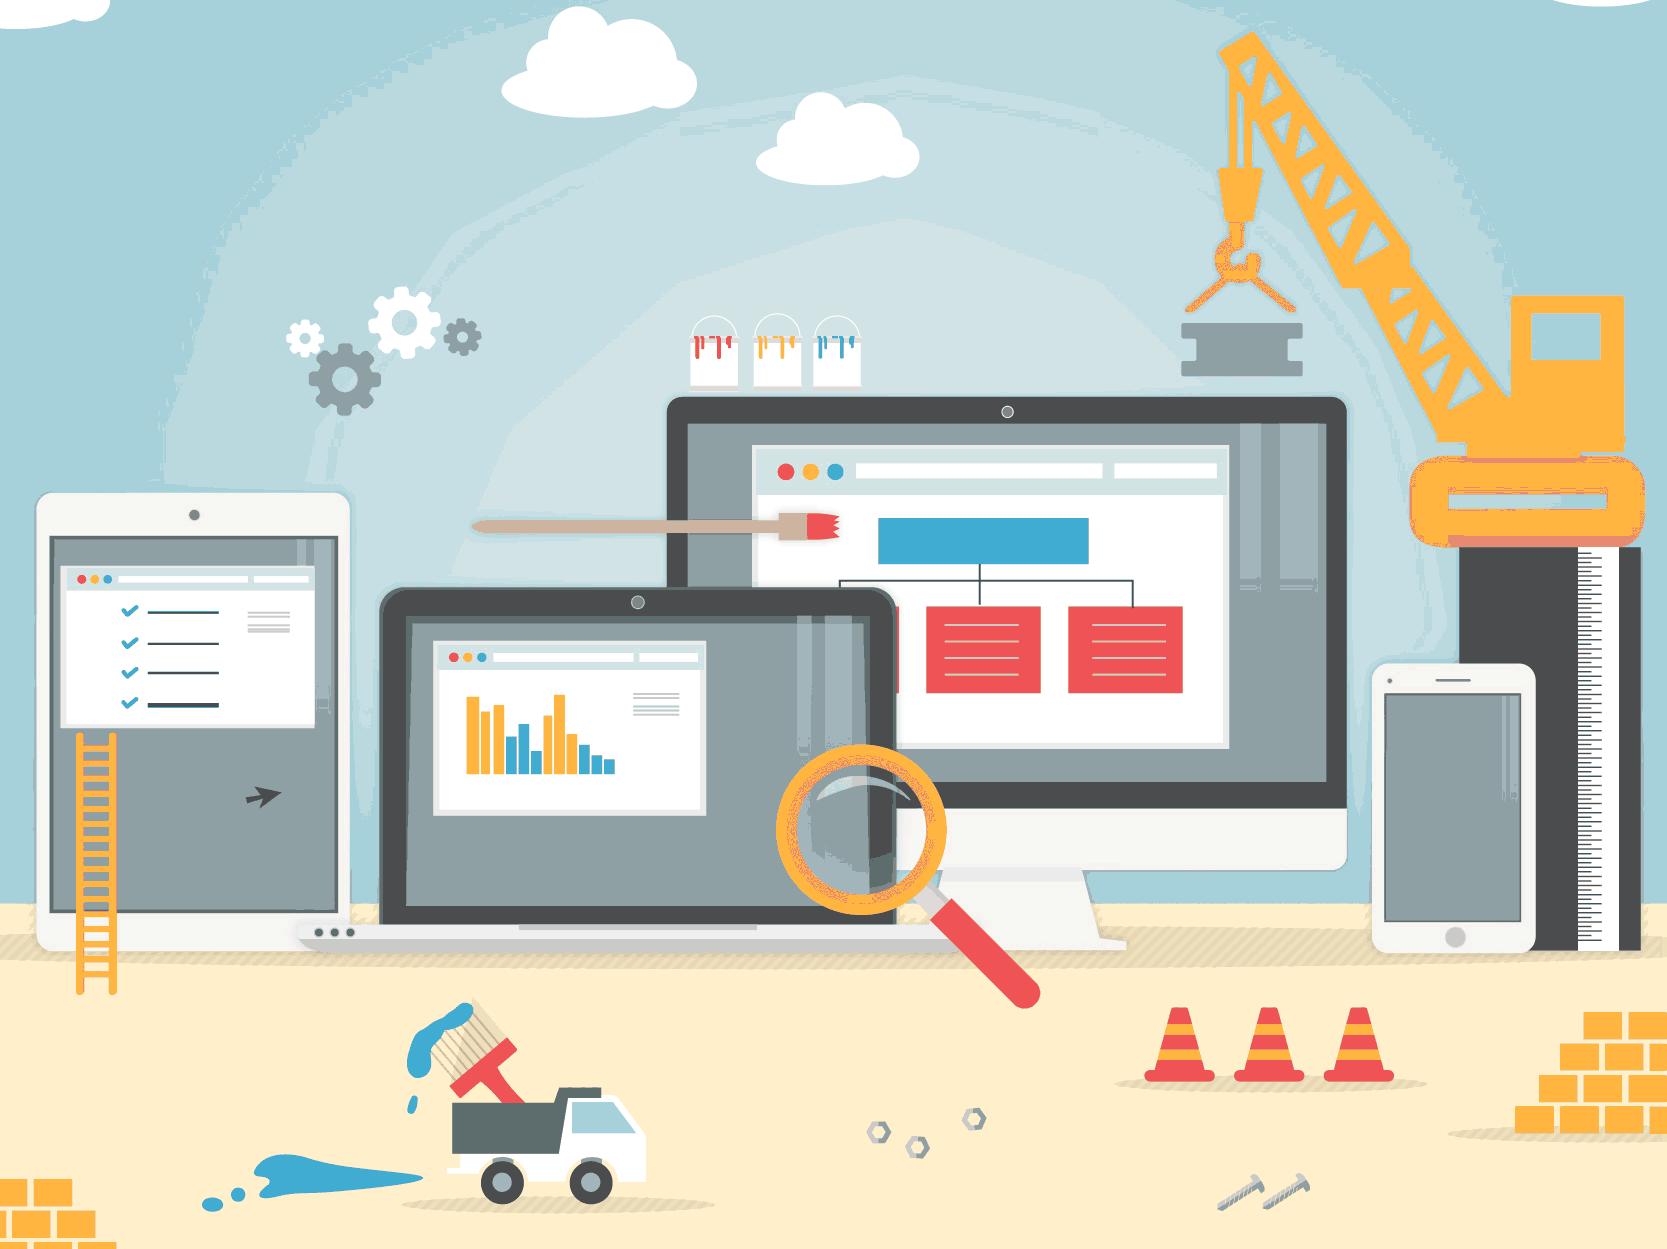 نقش سایتساز ها در توسعه کسب و کارها